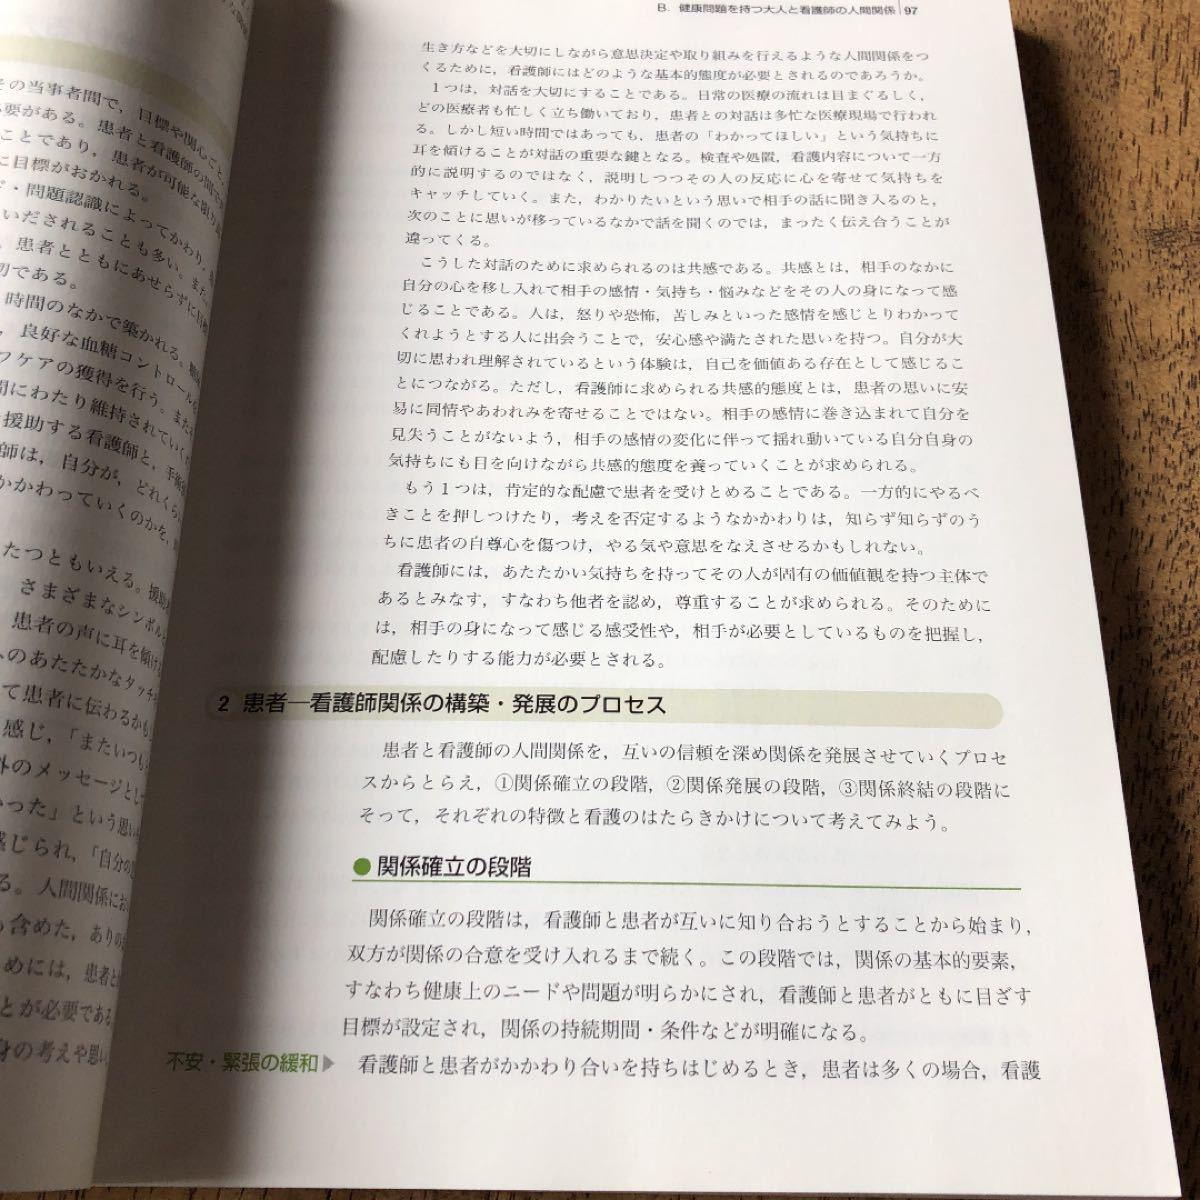 成人看護学 第14版 (1) 成人看護学総論 系統看護学講座 専門分野II/小松浩子 【著者代表】